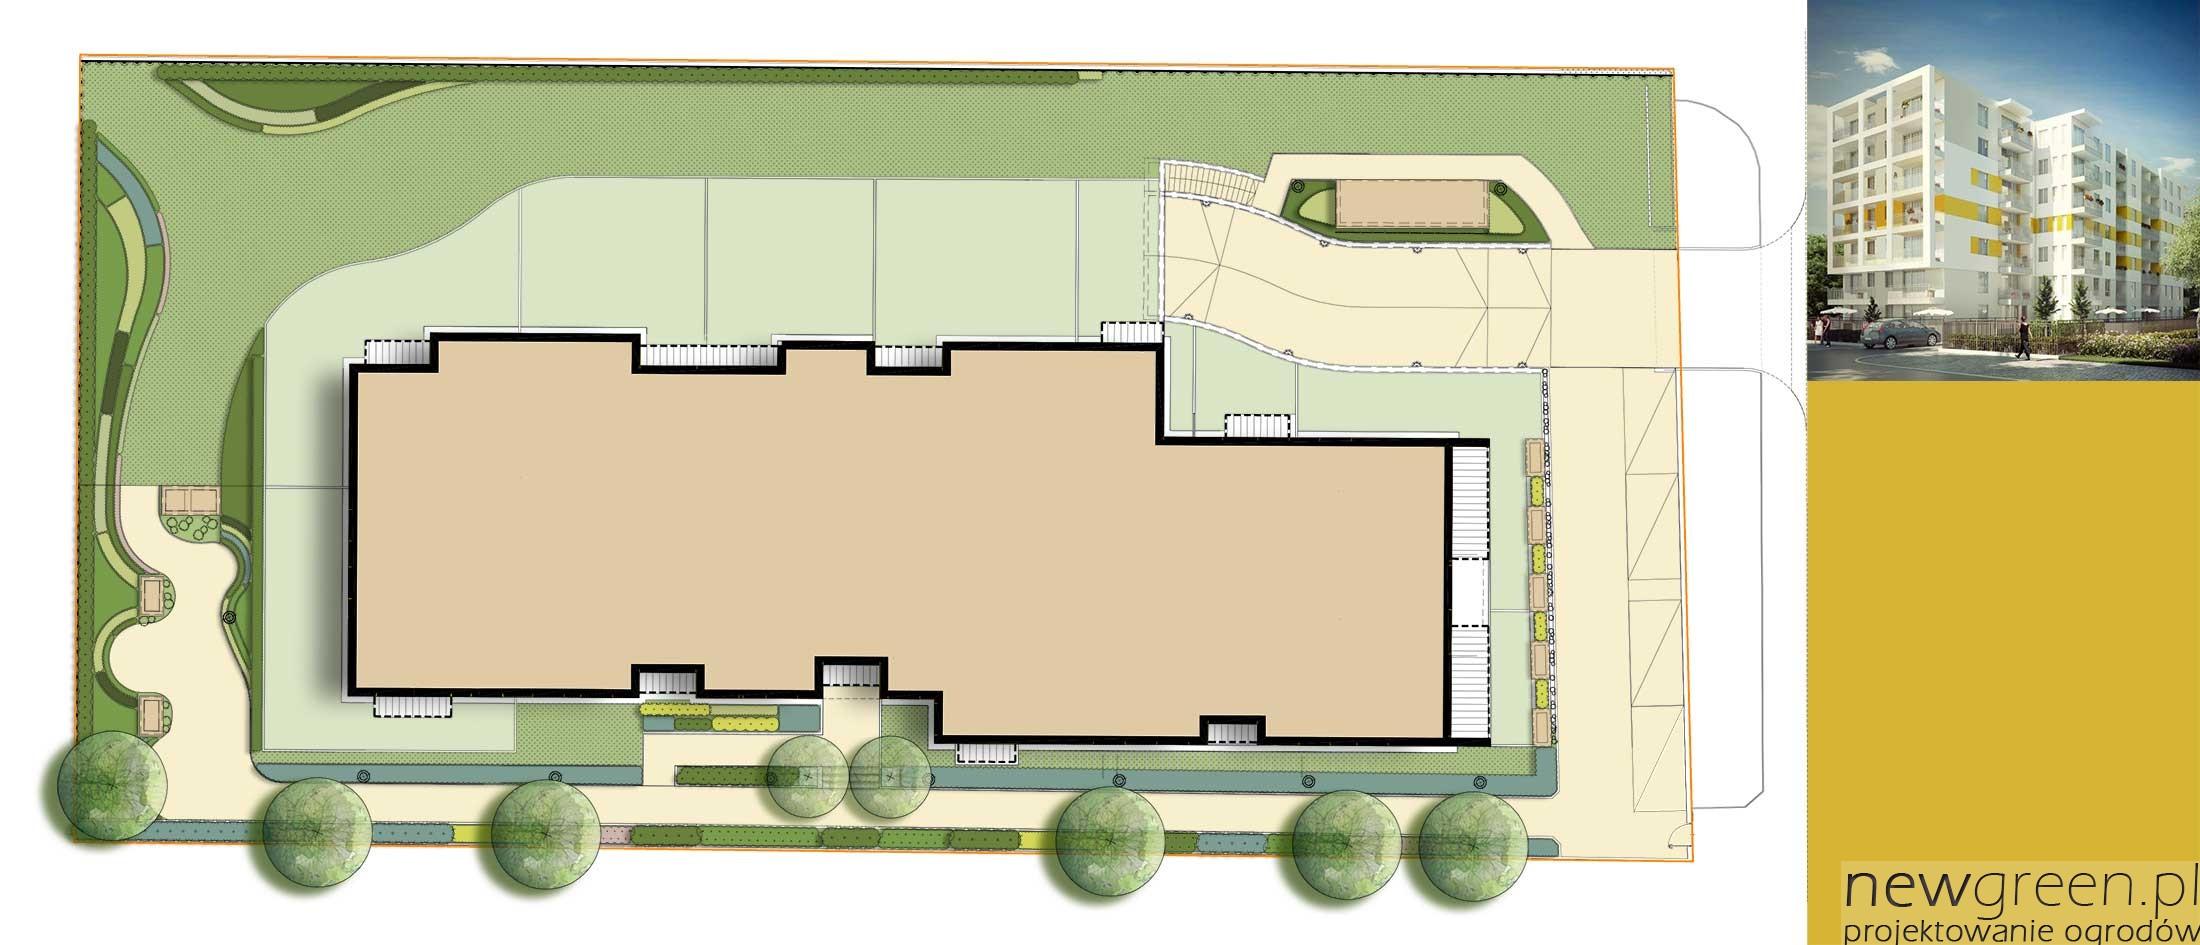 projekt-zieleni-osiedlowej